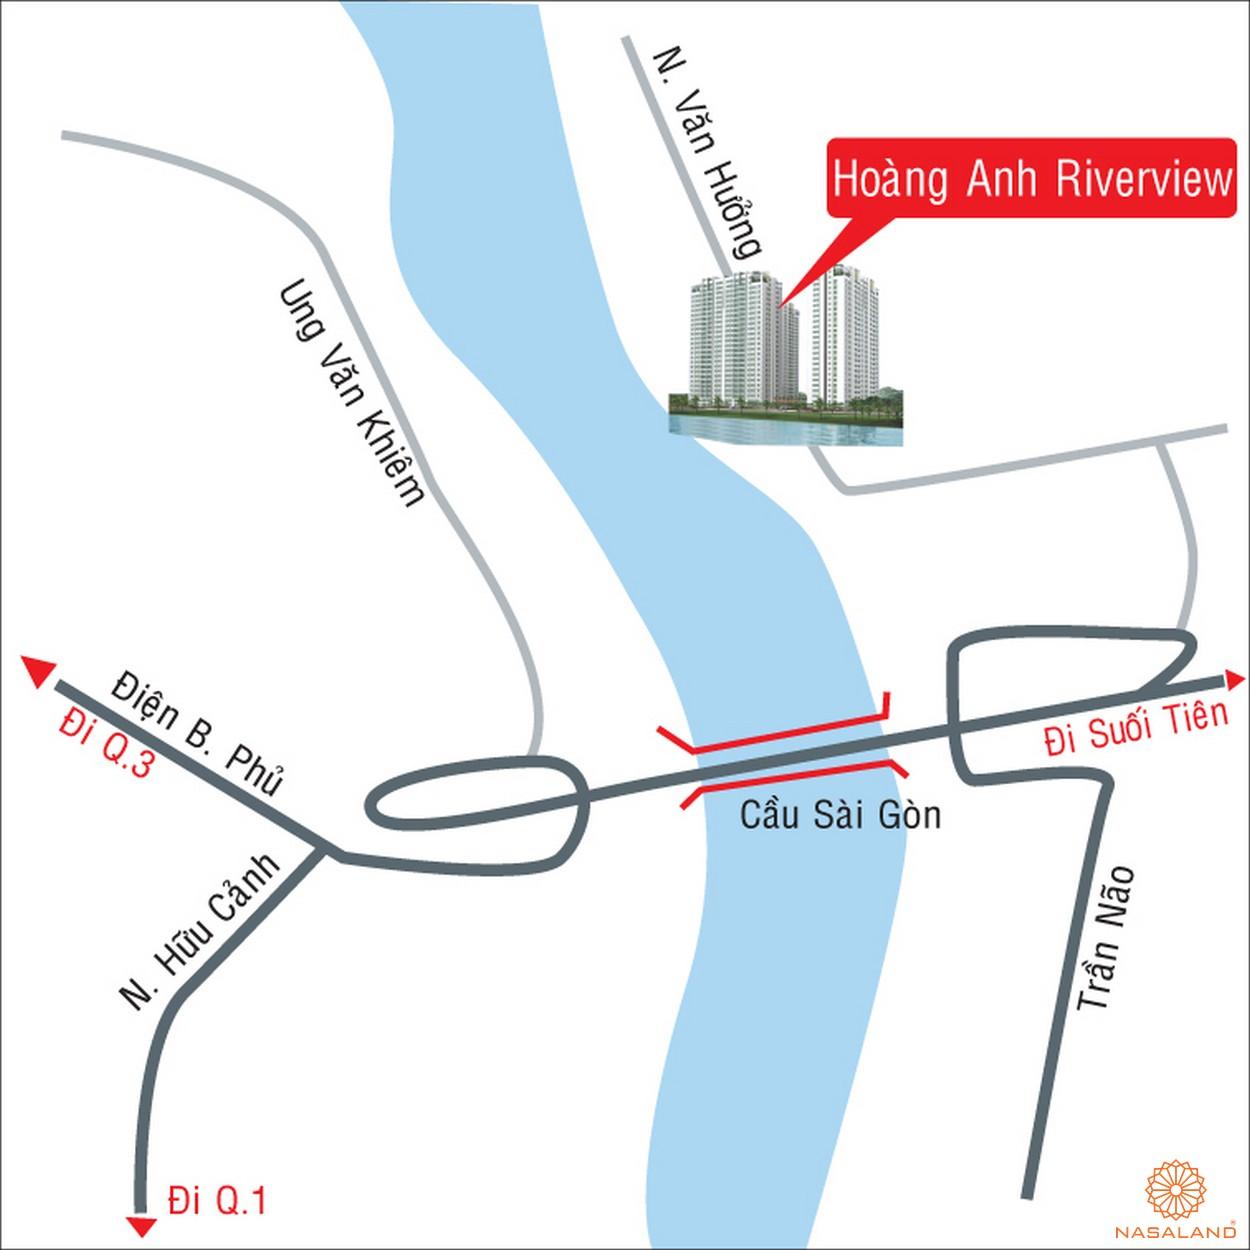 Vị trí địa chỉ dự án căn hộ Hoàng Anh Riverview Quận 2 đường 37 Nguyễn Văn Hưởng chủ đầu tư Hoàng Anh Gia Lai